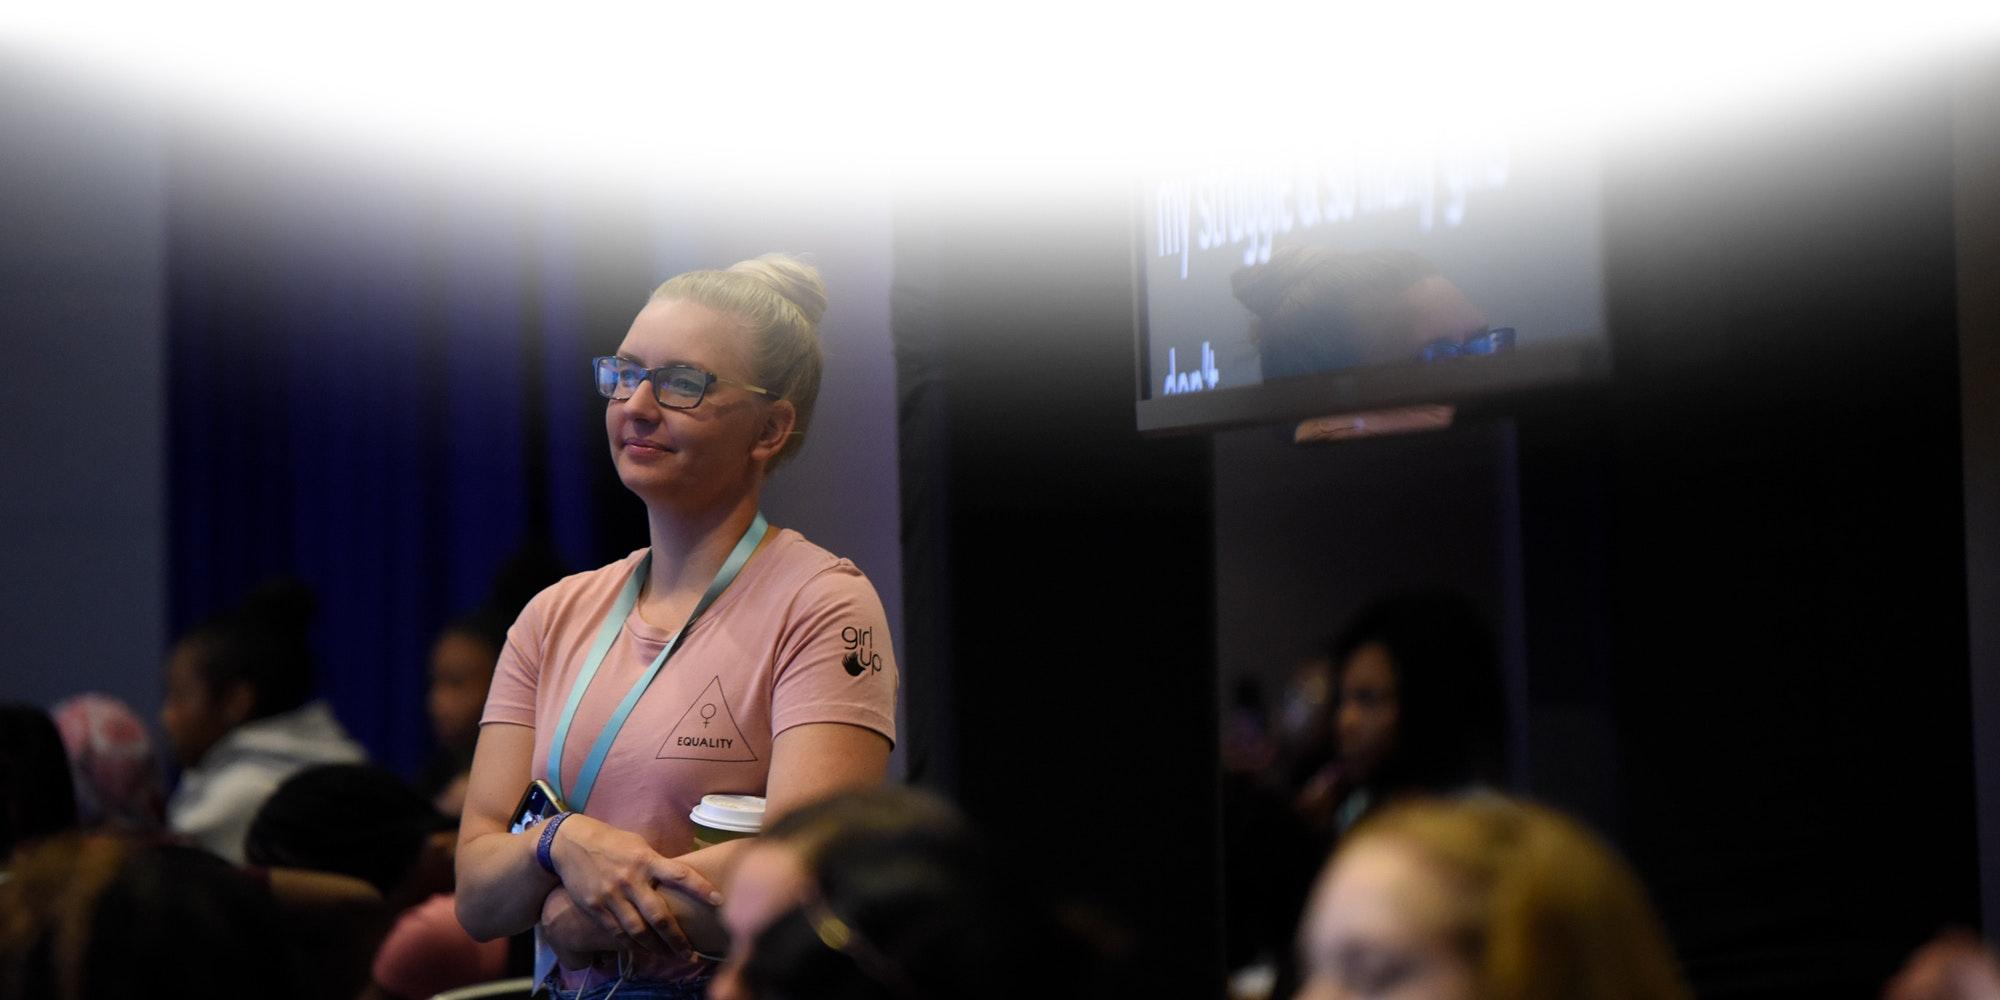 Uma menina em pé, no meio da plateia, sorrindo e ouvindo o conferencista do evento